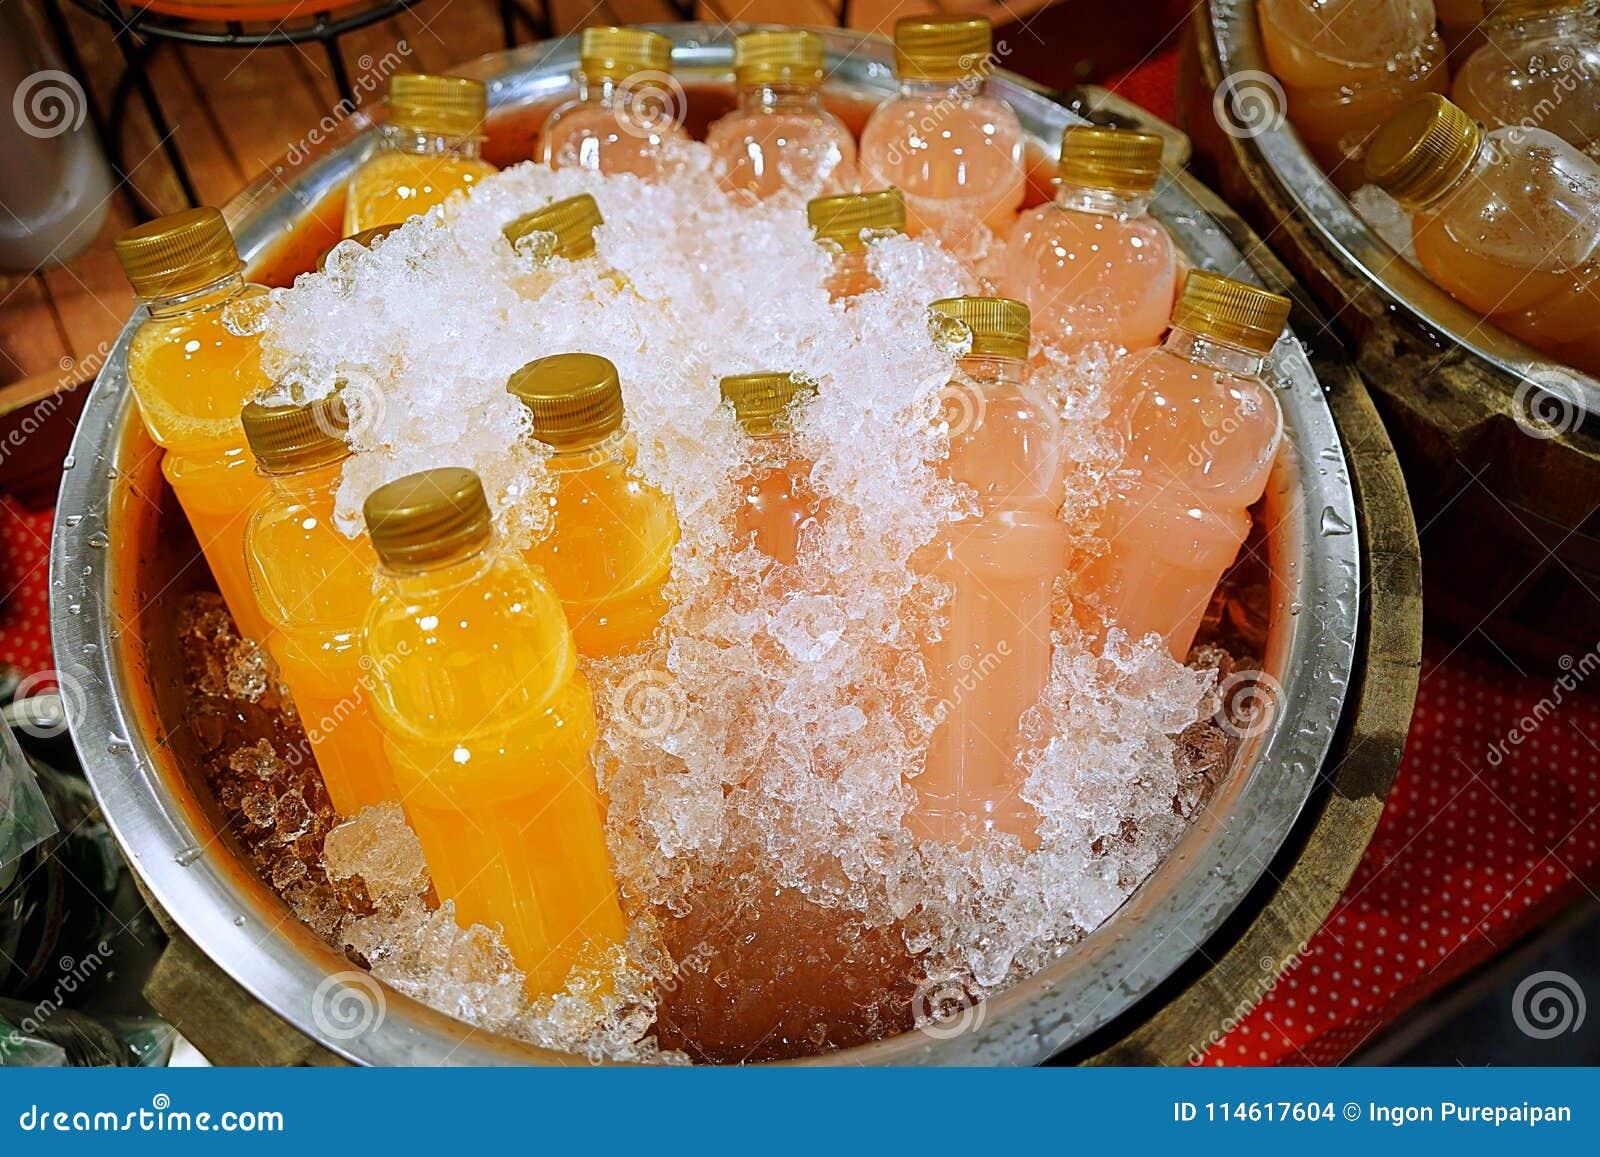 瓶新鲜水果汁 茶点饮料橙汁和lychee汁液在塑料瓶包含了和变冷了